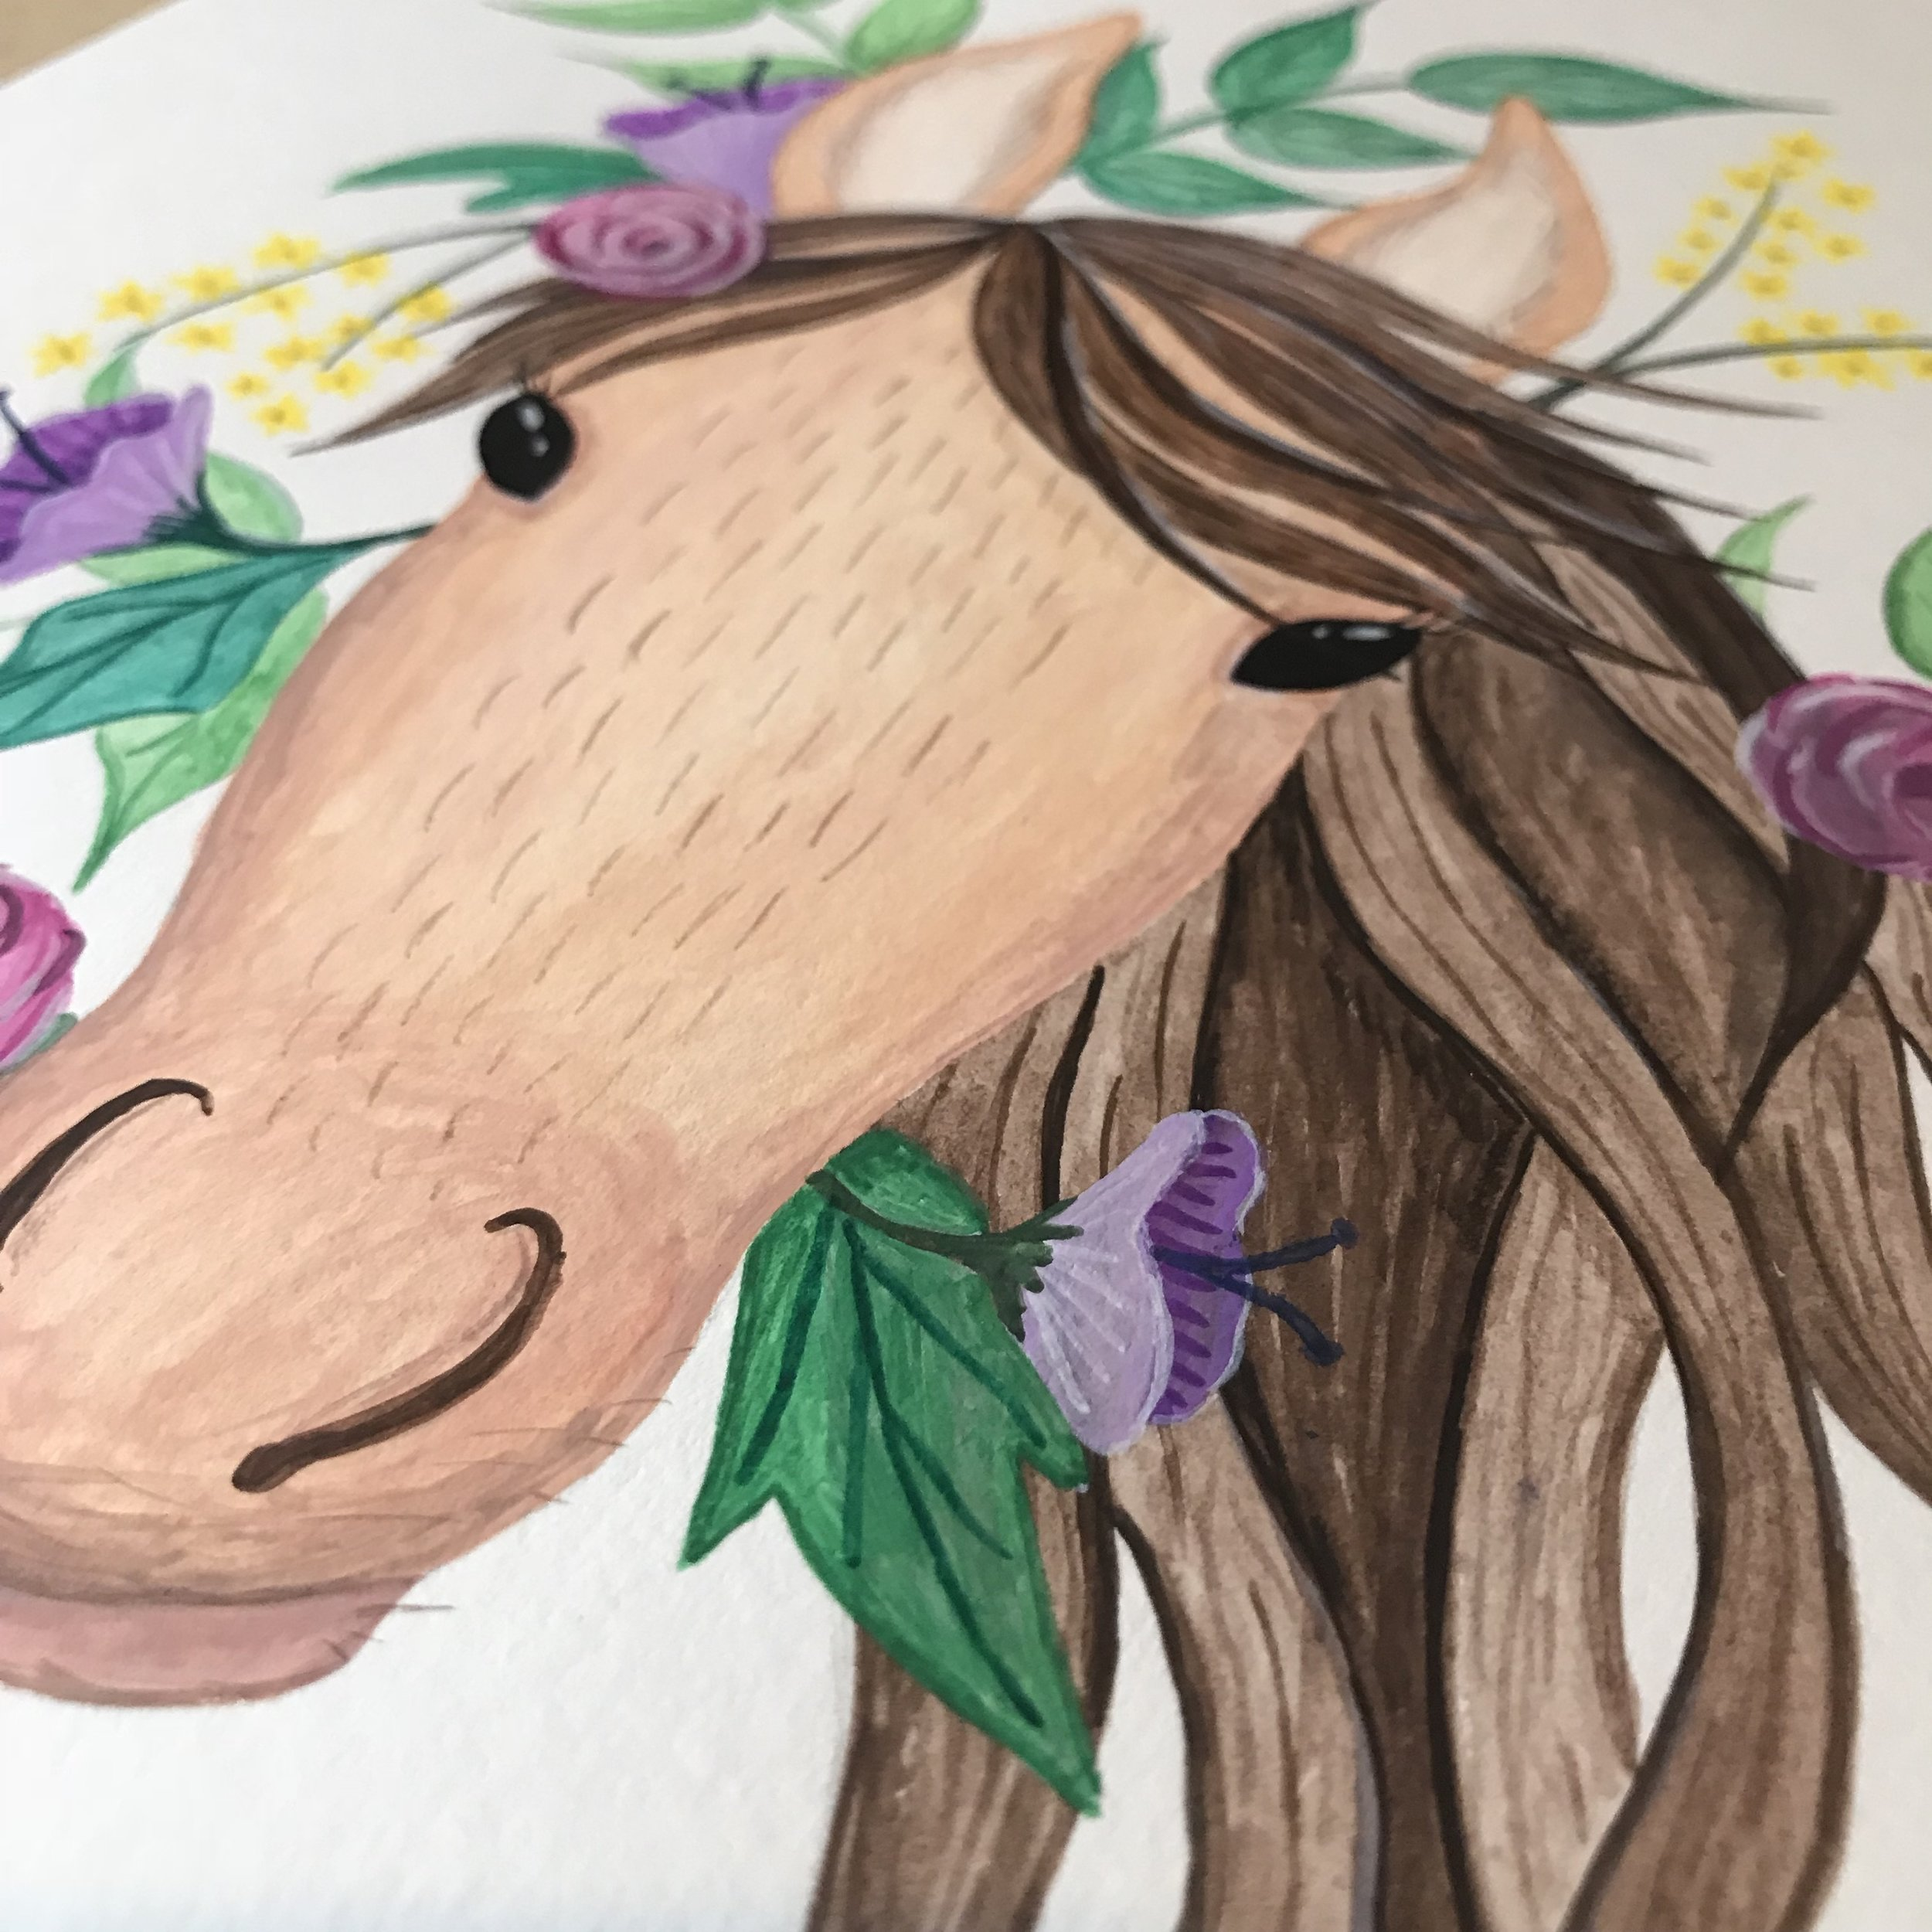 Gouache Pony with Flowers